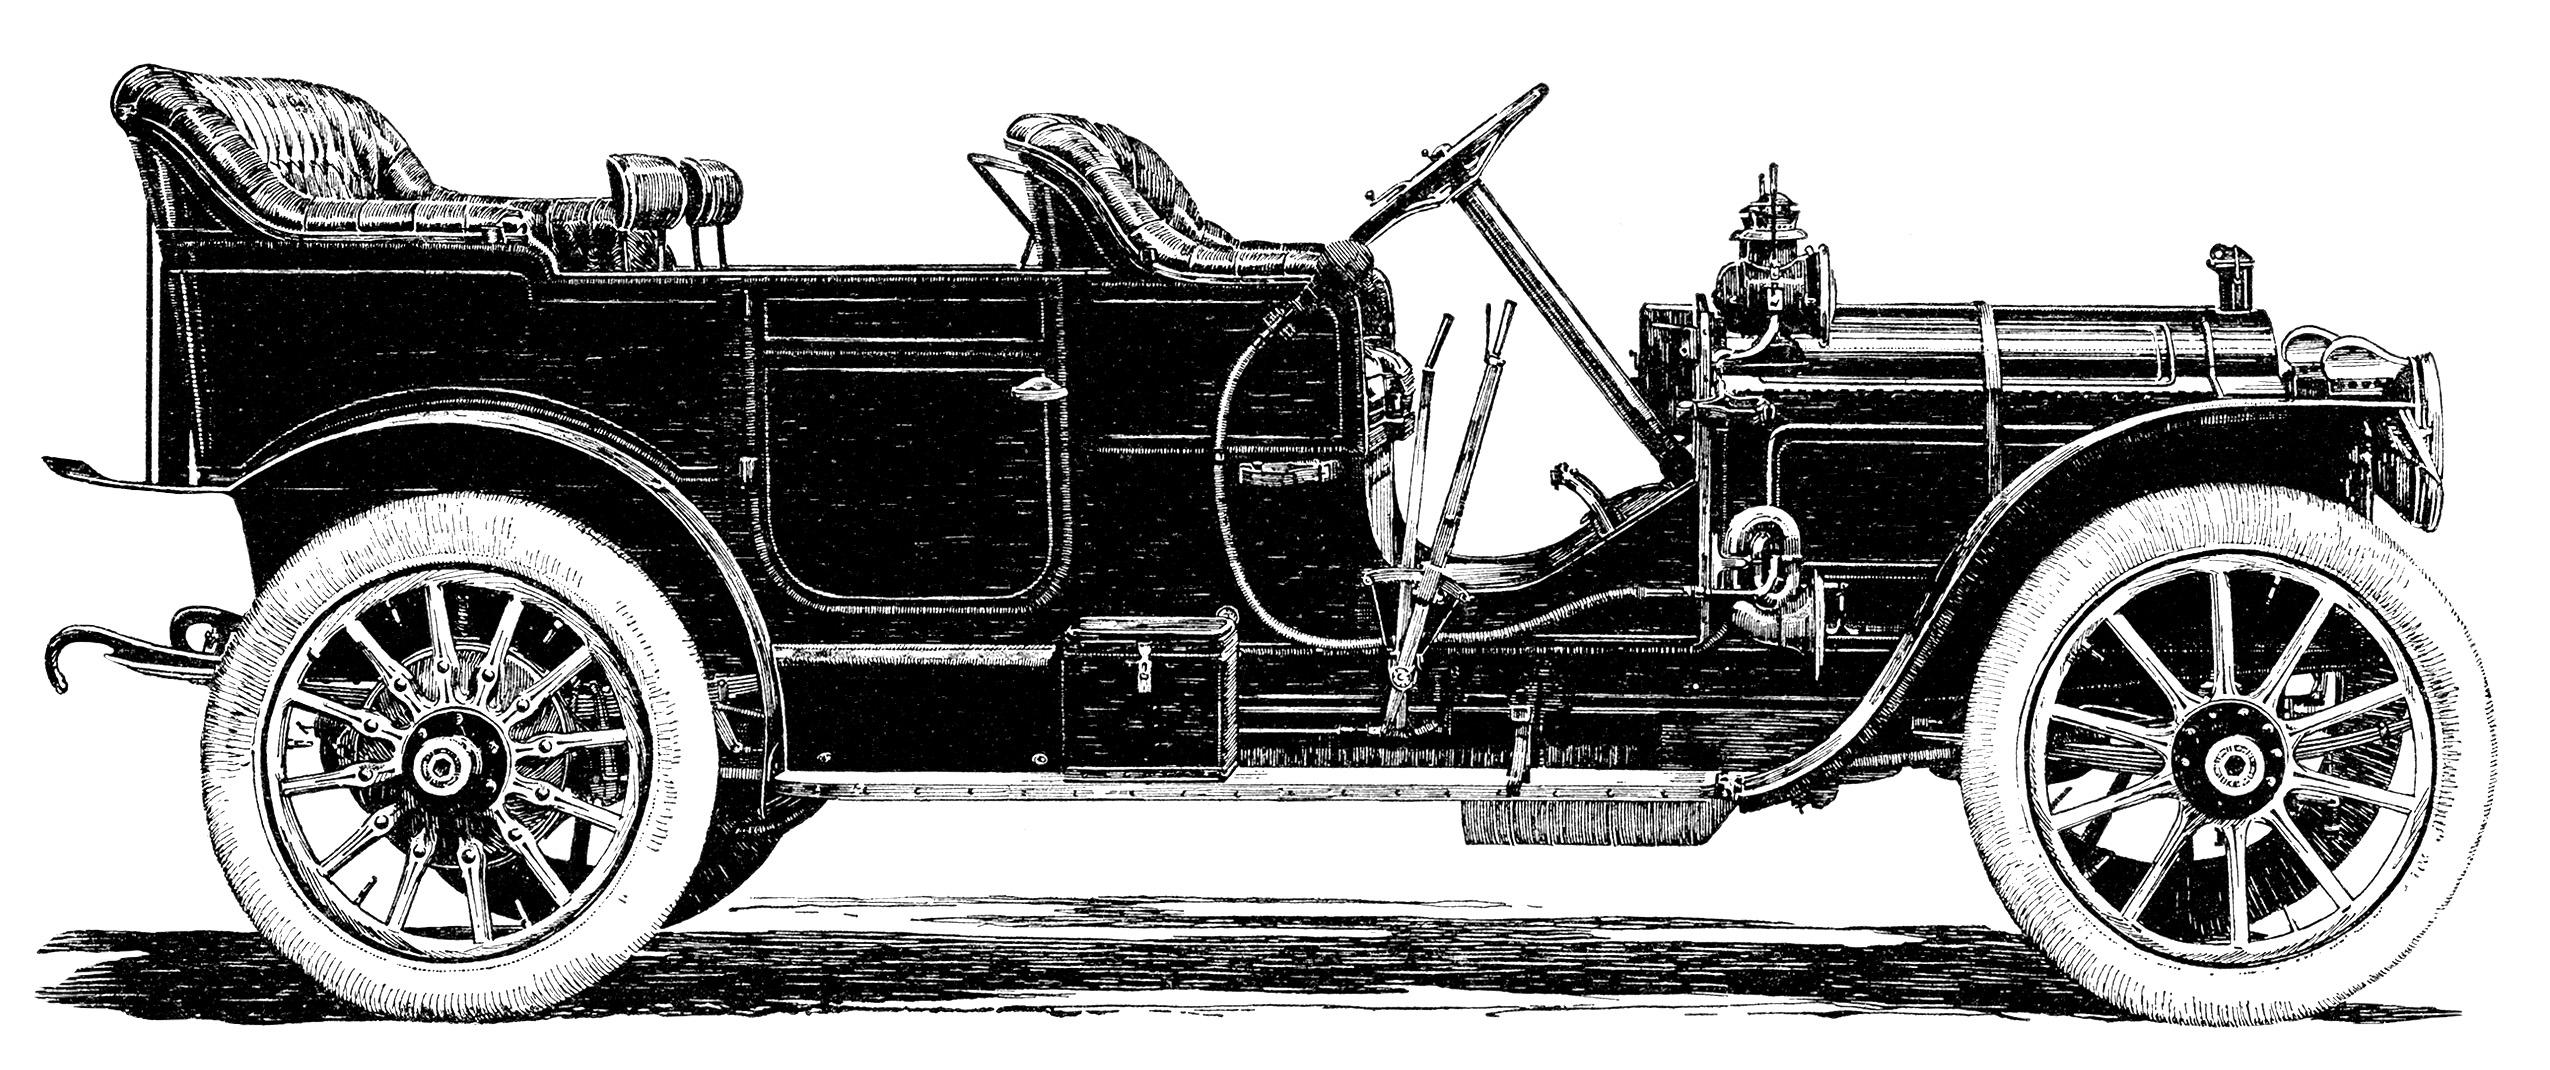 Винтажный (старый) автомобиль Packard - черно-белый рисунок из рекламы 1910 года